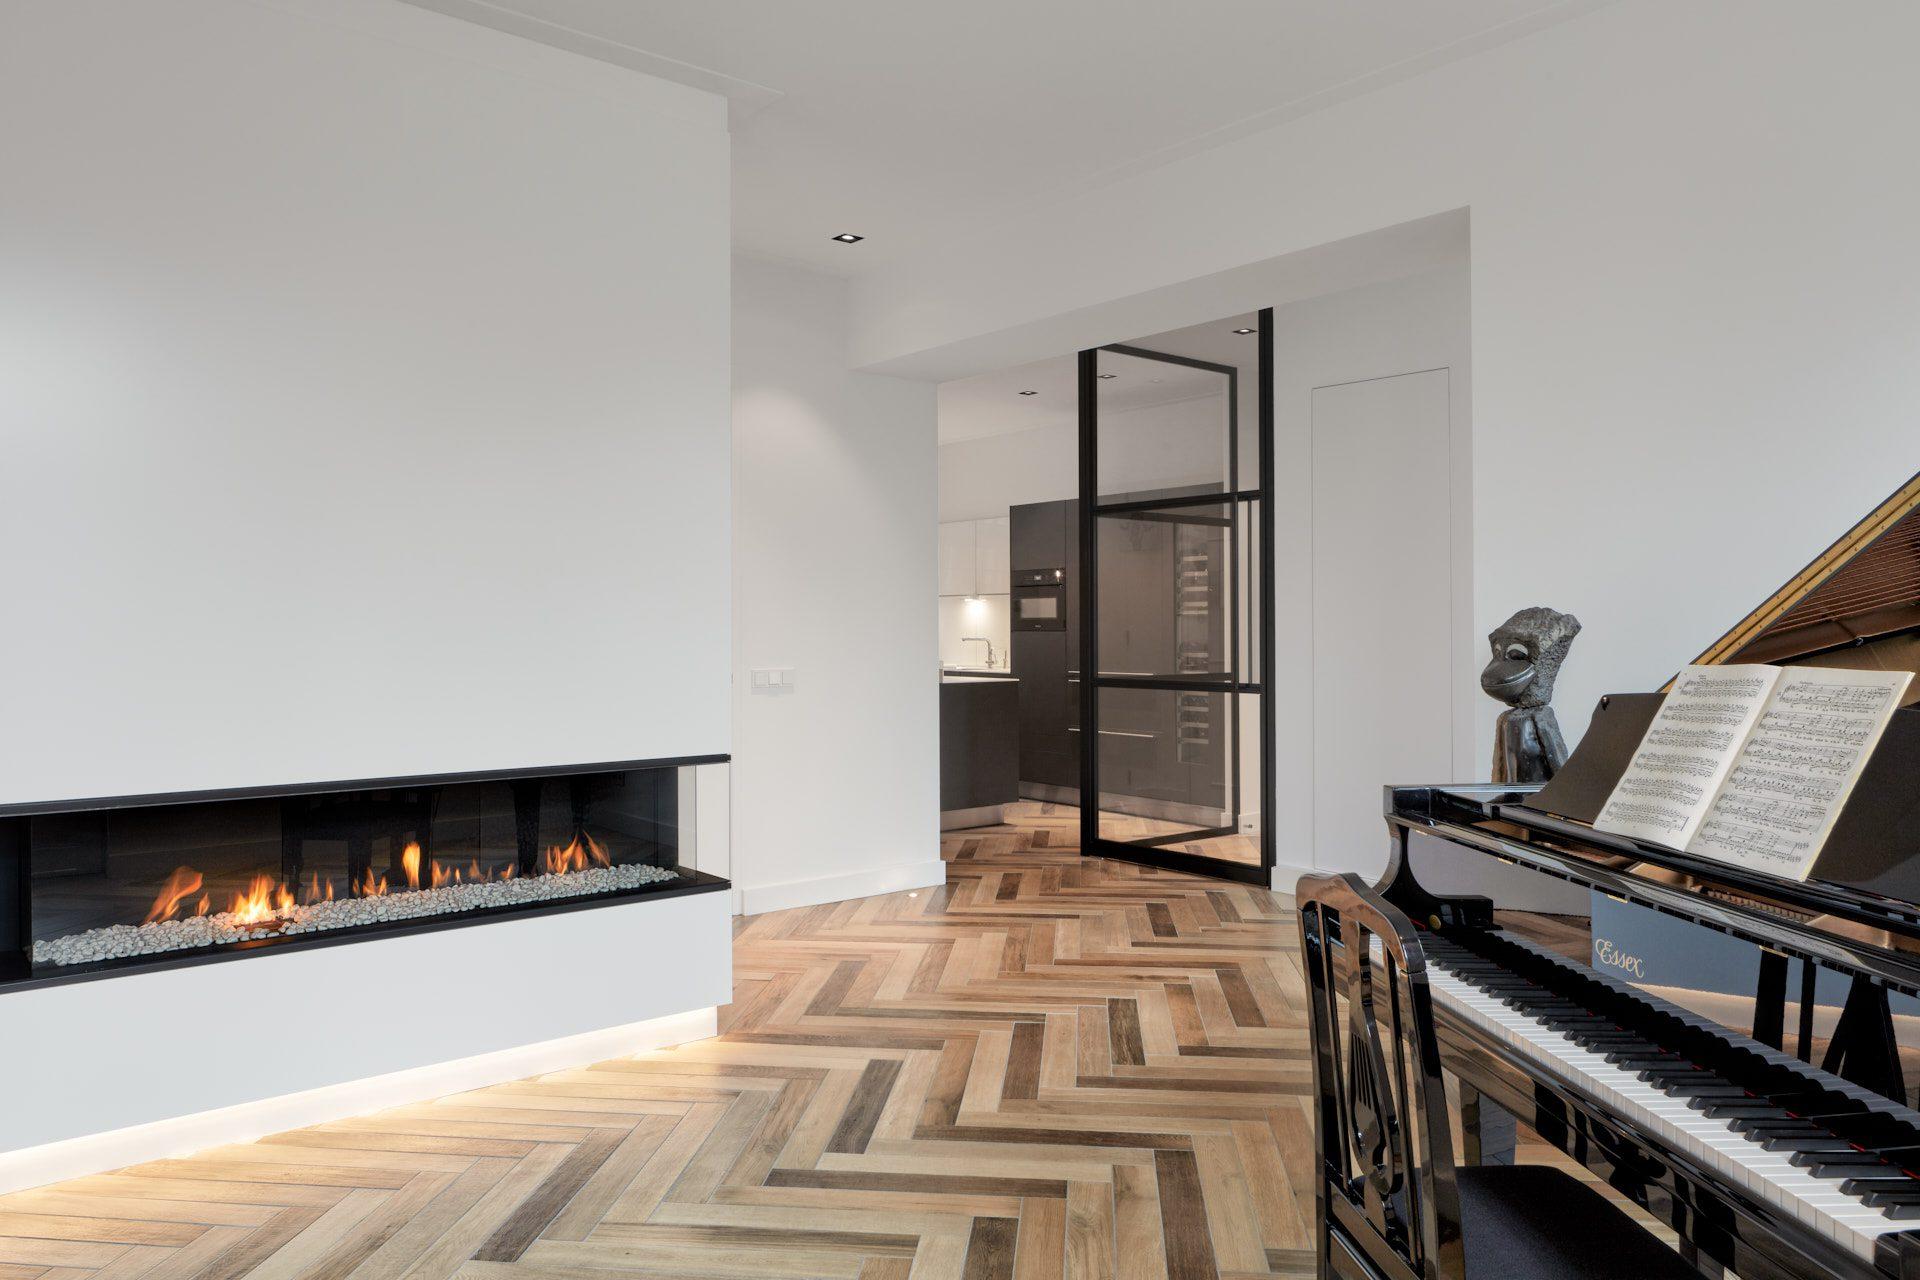 Interieurontwerp voor een appartement in Oud-Zuid Amsterdam nabij het Vondelpark door architect Maxim Winkelaar.